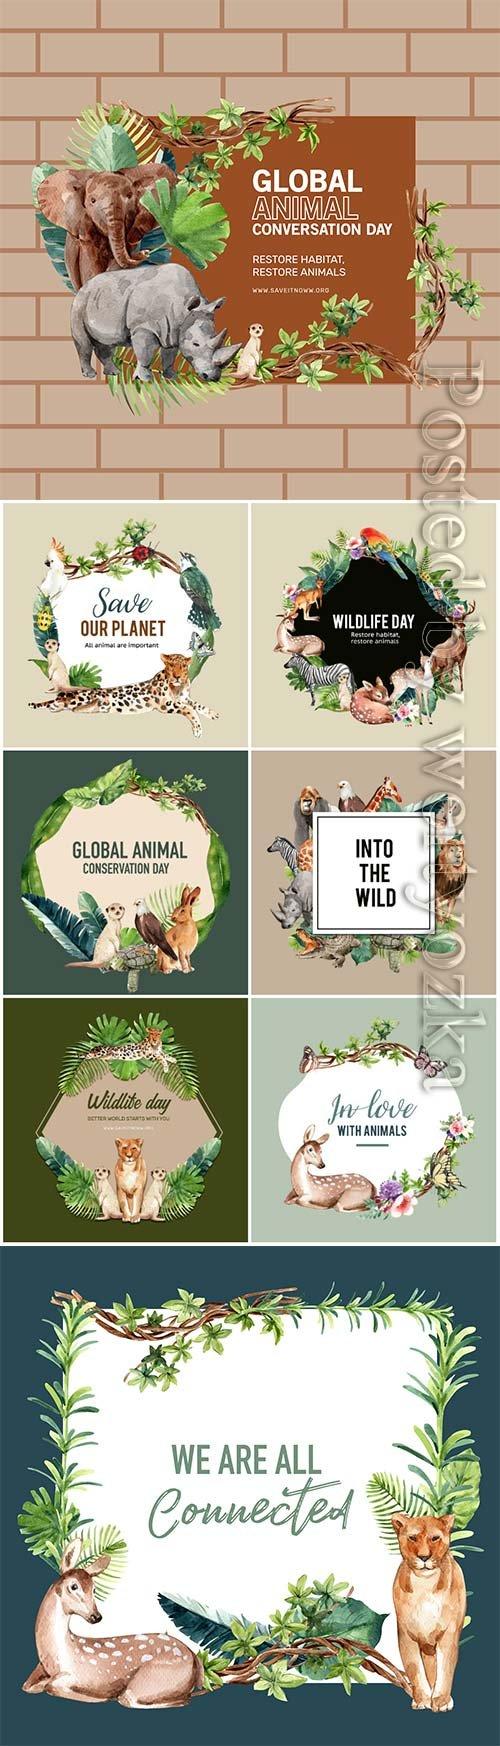 Zoo wreath design with eagle, gorilla, giraffe, rhino watercolor illustration